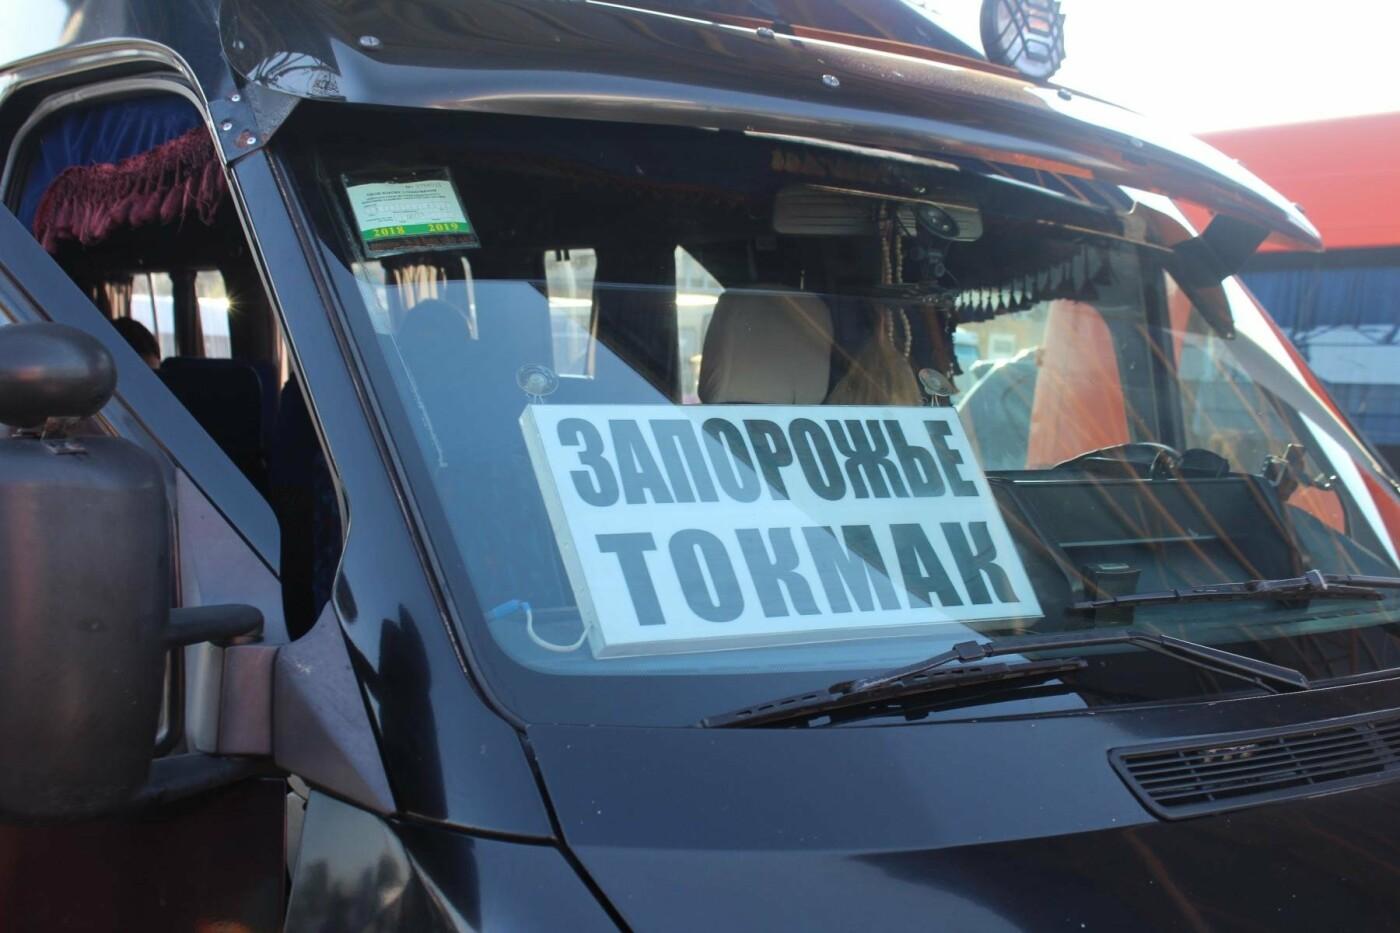 Как там в Токмаке: репортаж из официально депрессивного города, фото-1